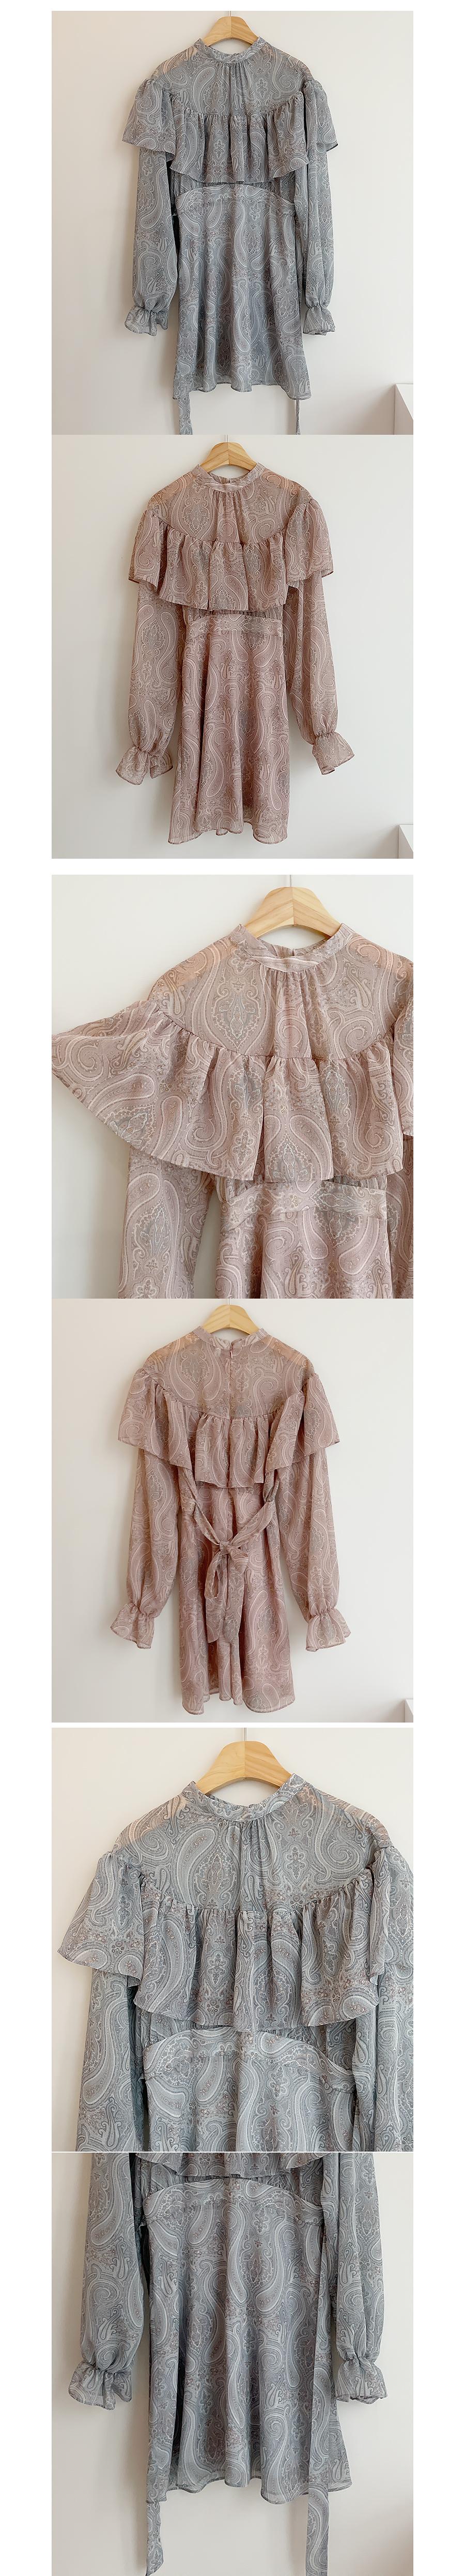 Amy Paisley Cape Dress 2color